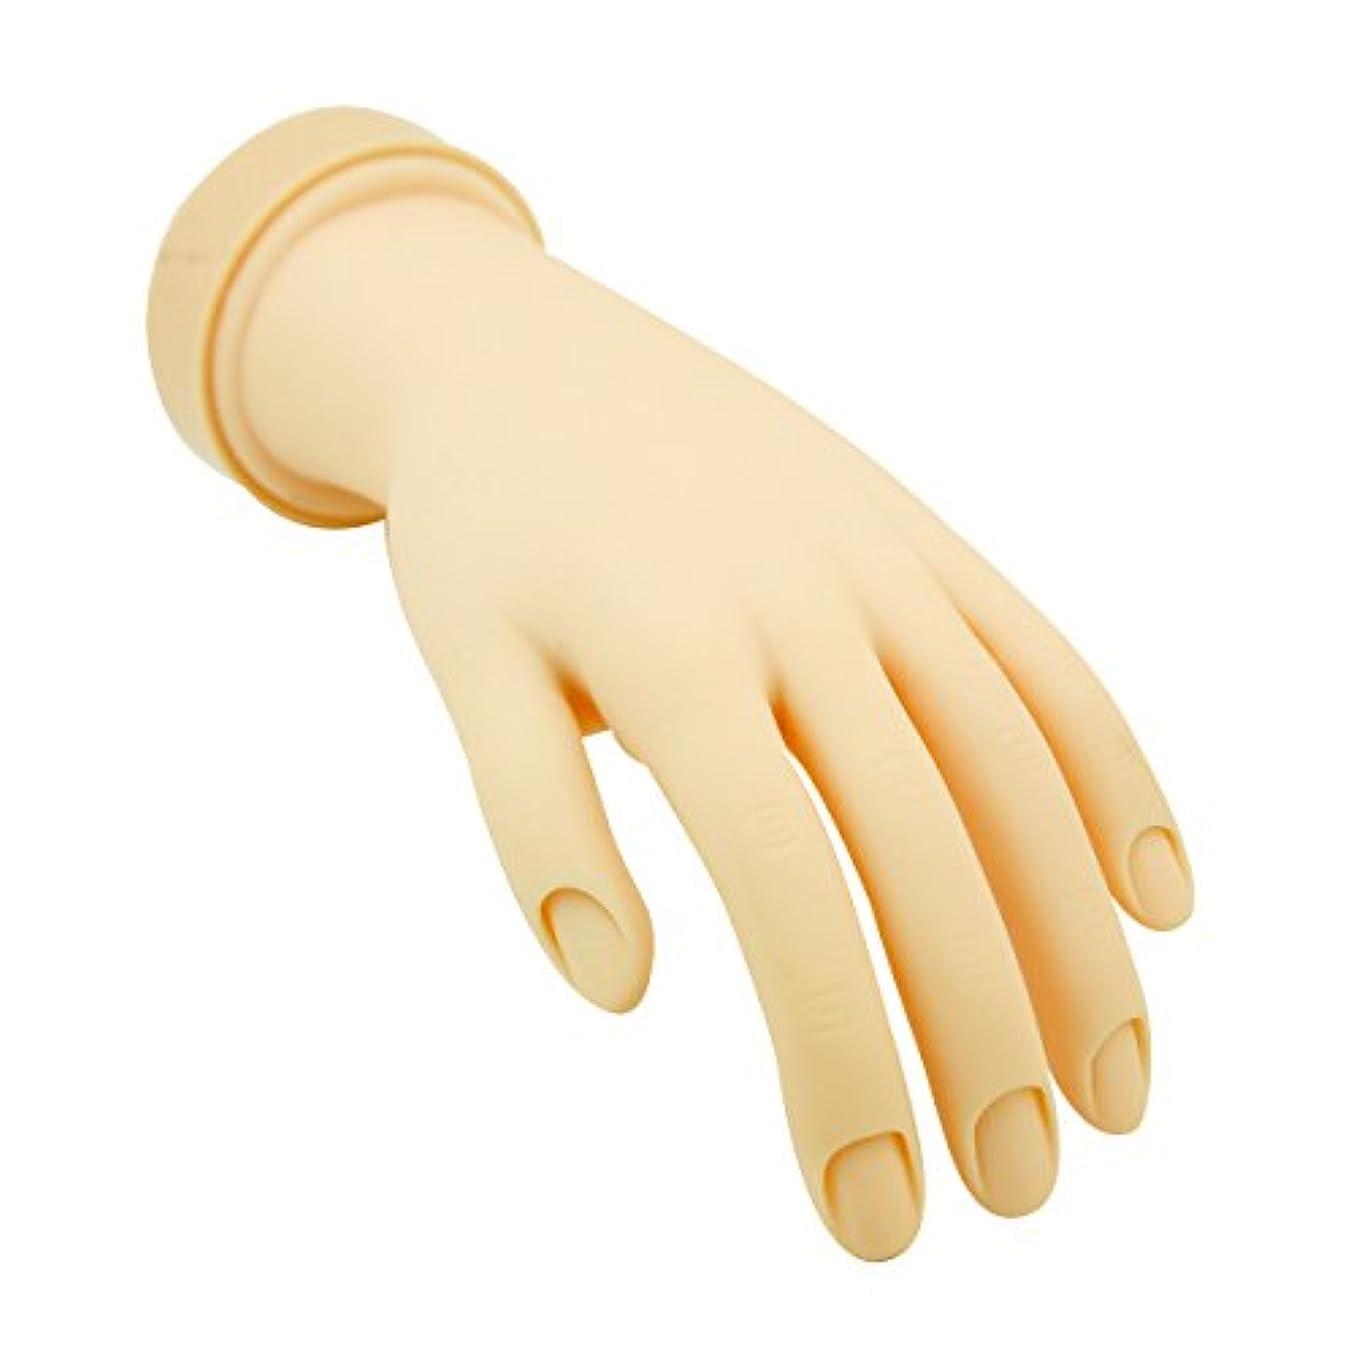 パイプフォーラムおとうさんトレーニングハンド (ネイル用) 左手 [ 練習用マネキン 手 指 ハンドマネキン マネキン 施術用 トレーニング ]